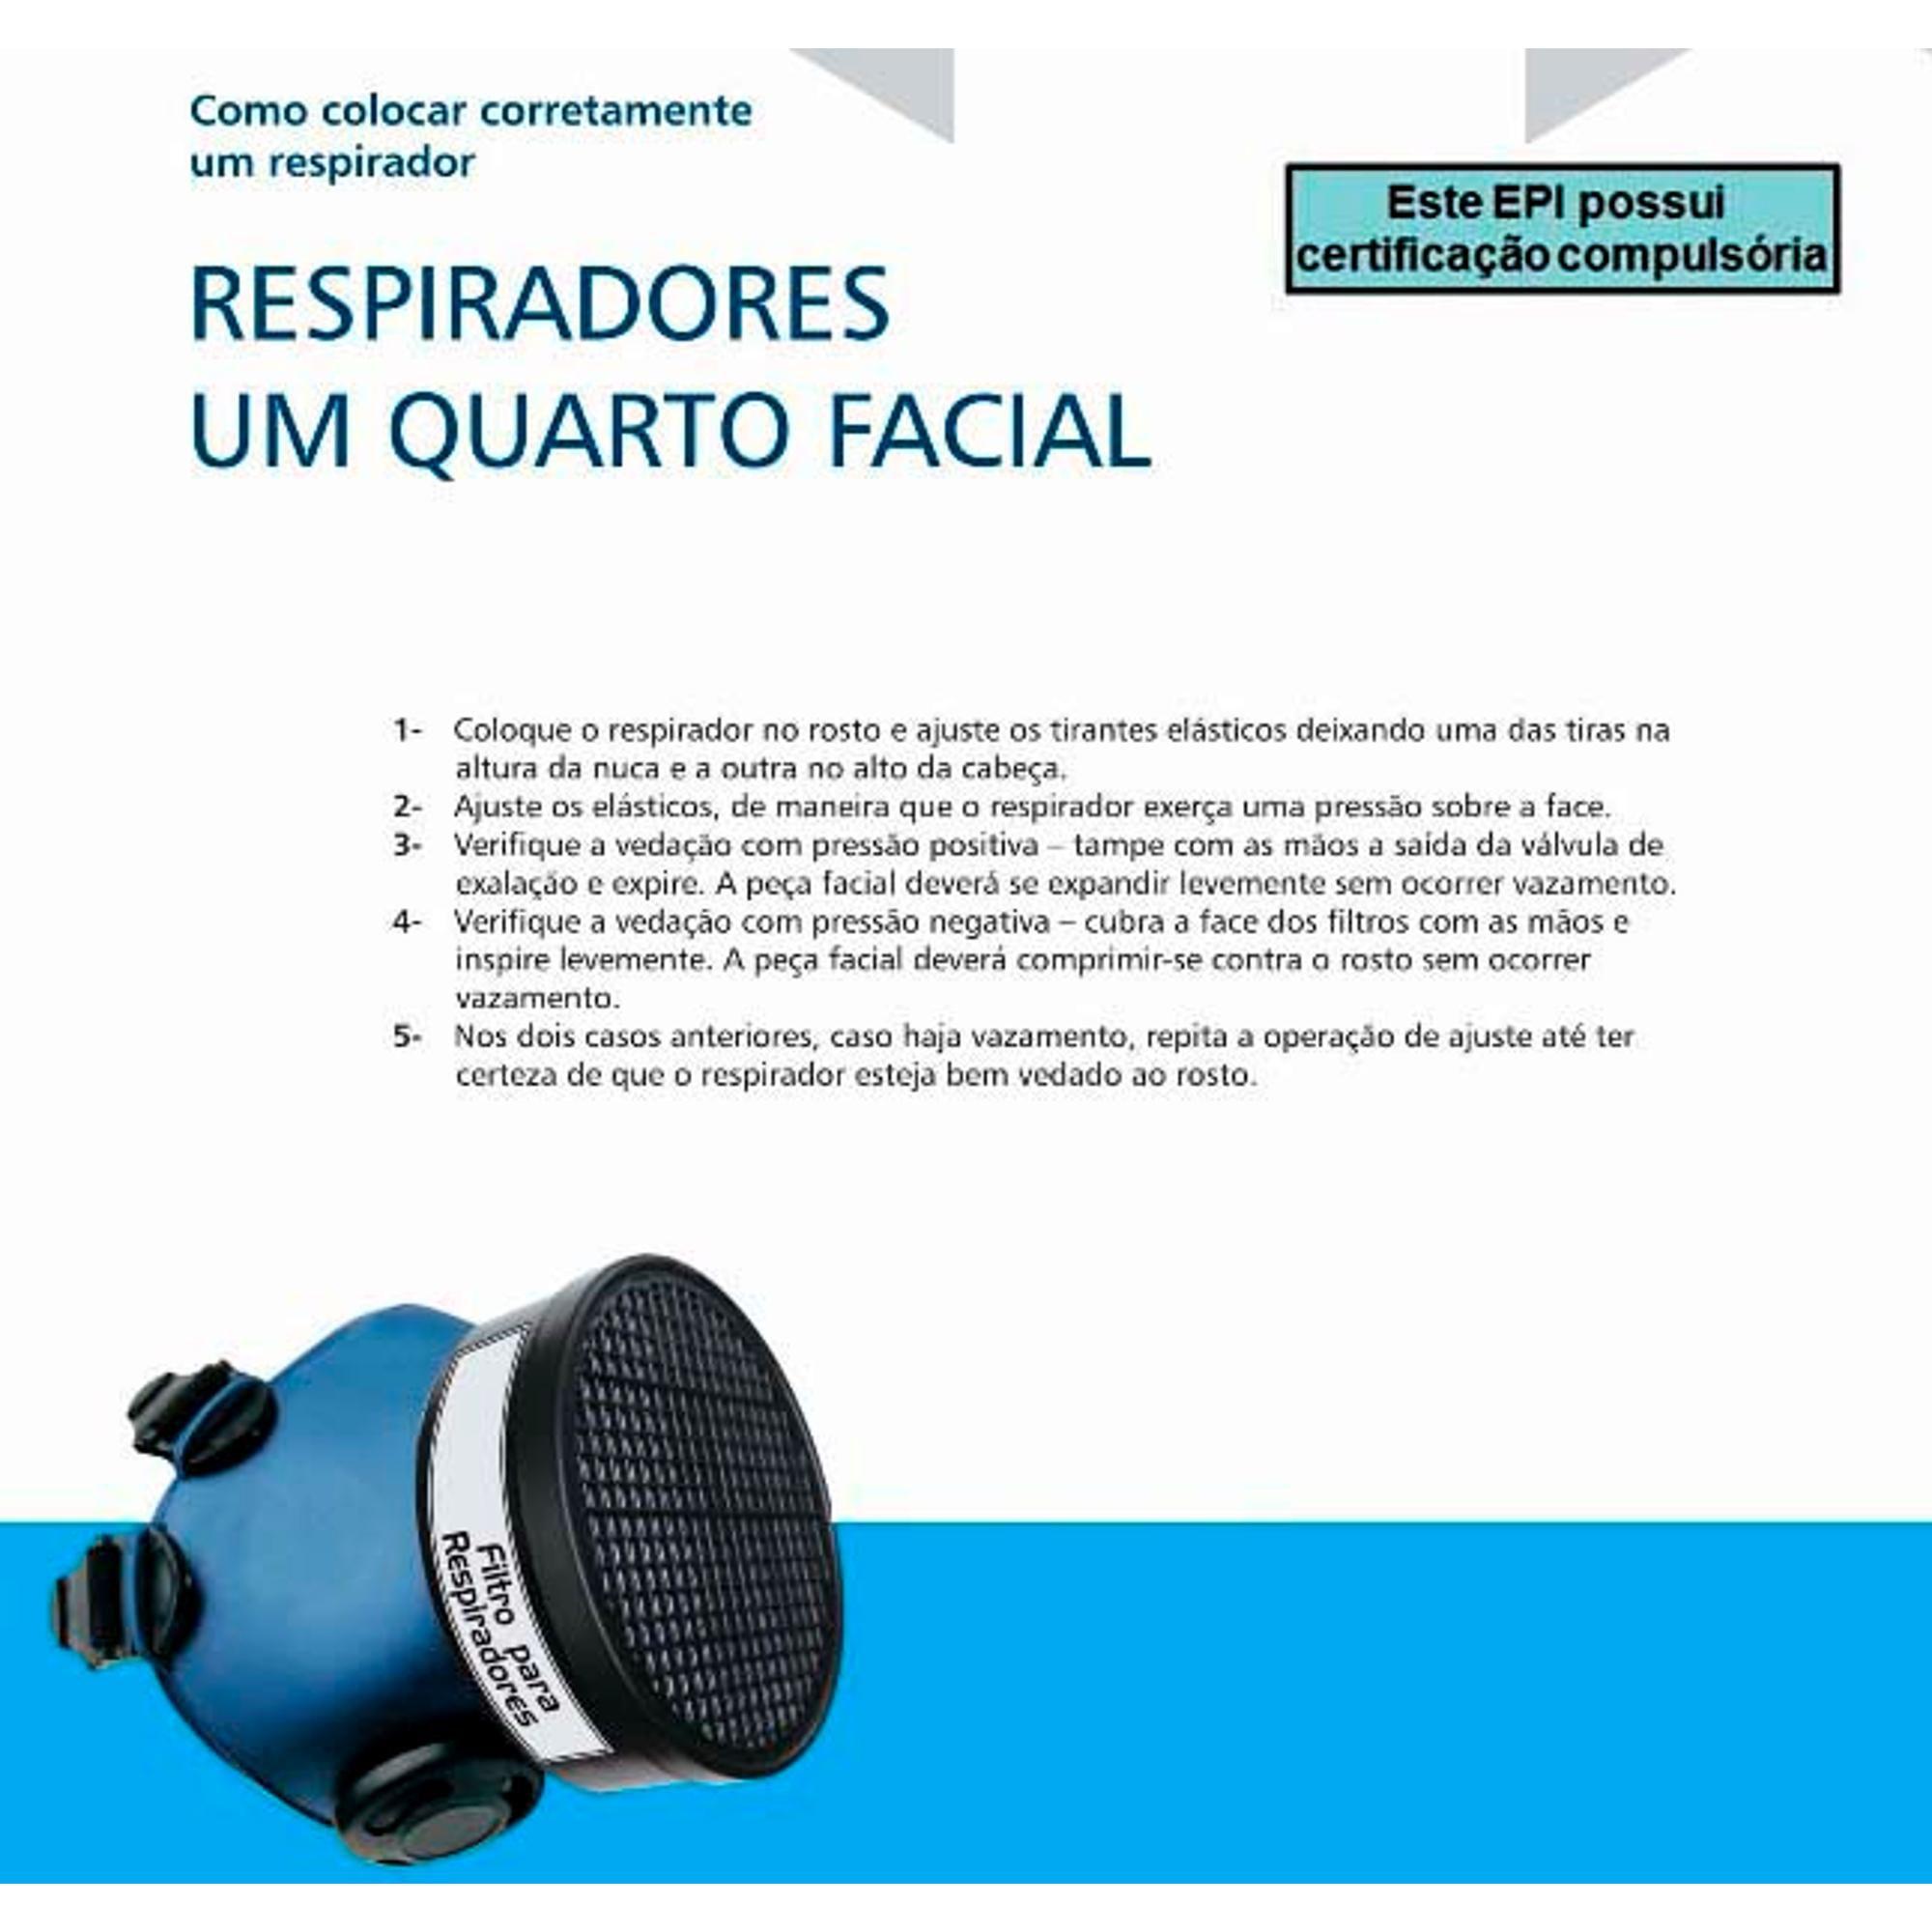 MÁSCARA 1/4 FACIAL COM FILTRO VO/GA - CABELEREIRA-PRODUTOS QUÍMICOS  - DE PAULA EPIS